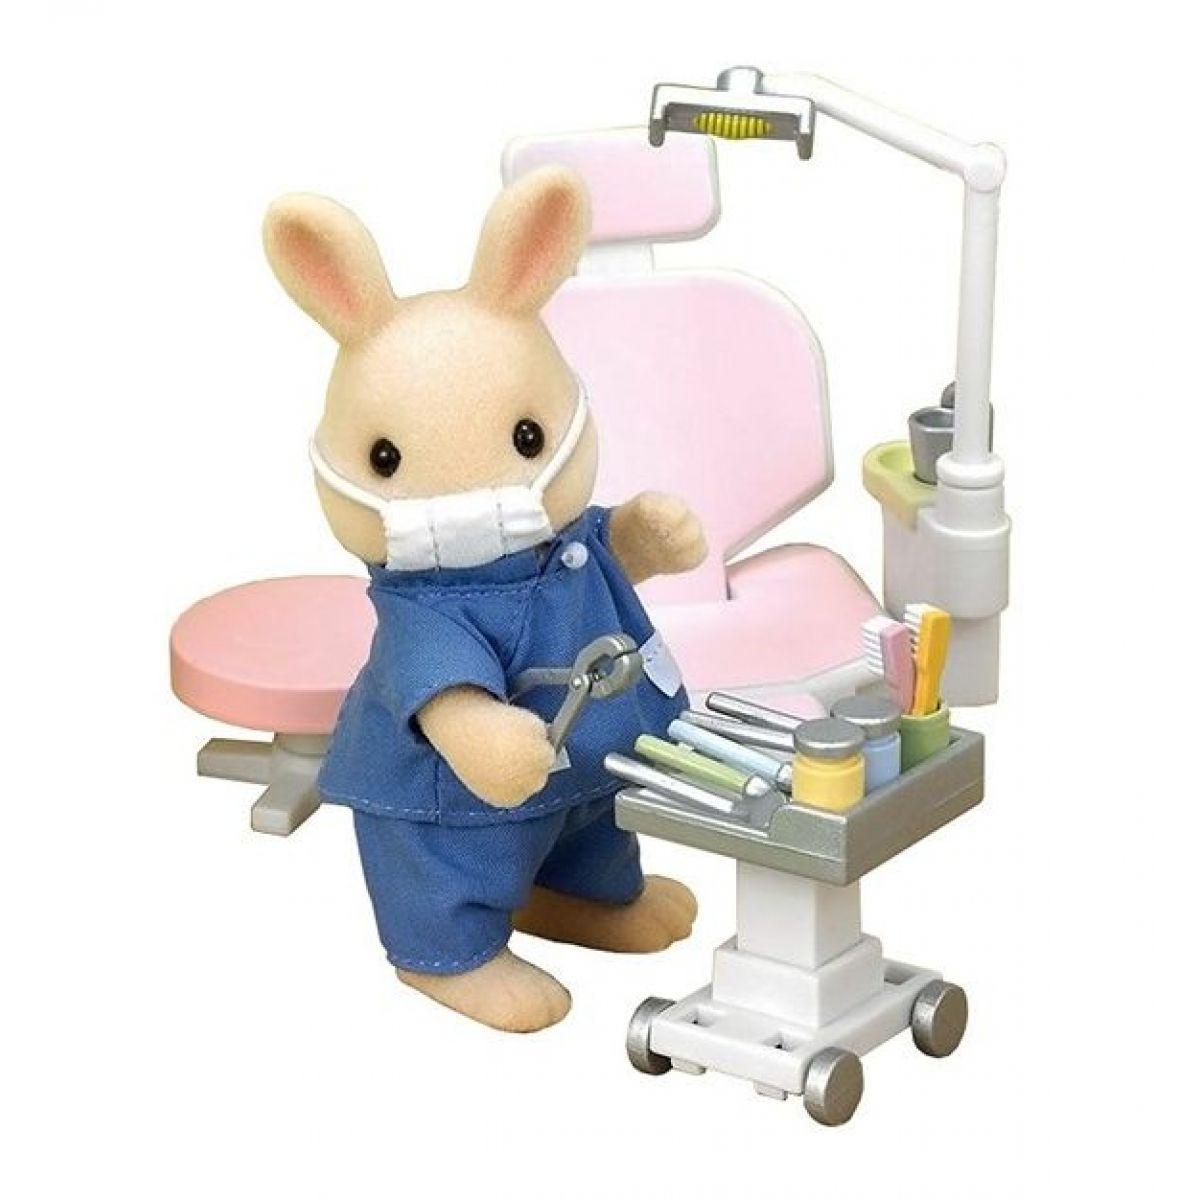 Sylvanian Families U zubára vrátane príslušenstva a figúrky králička